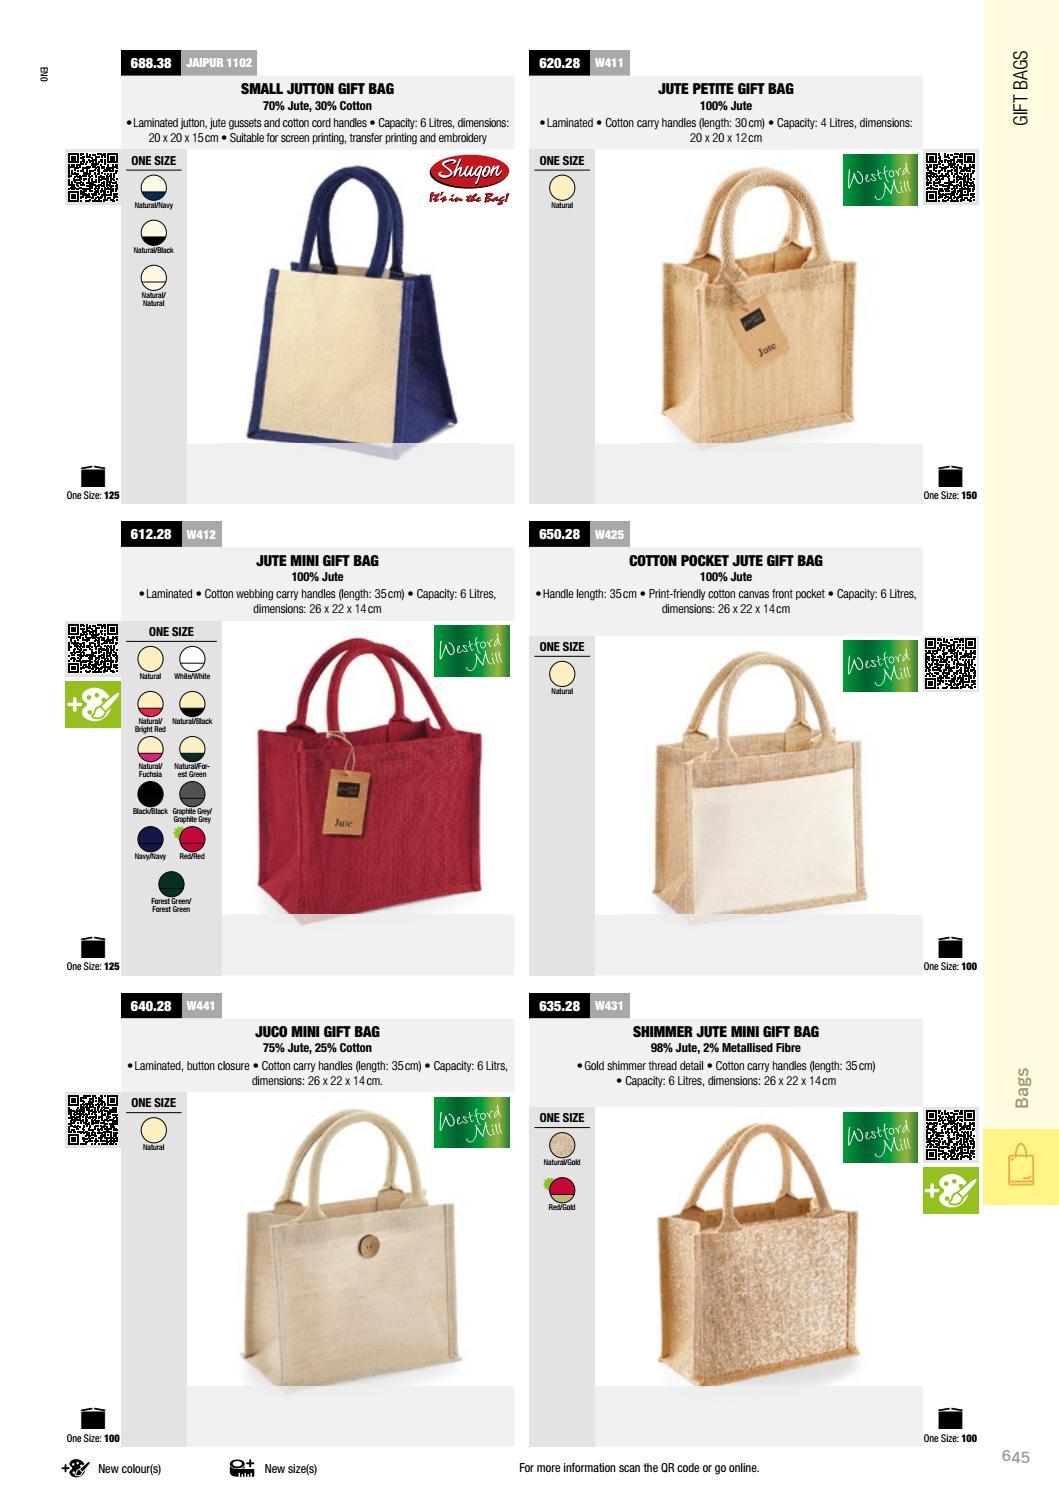 Westford Mill Shimmer Jute Mini Gift Bag 26 x 22 x 14cm